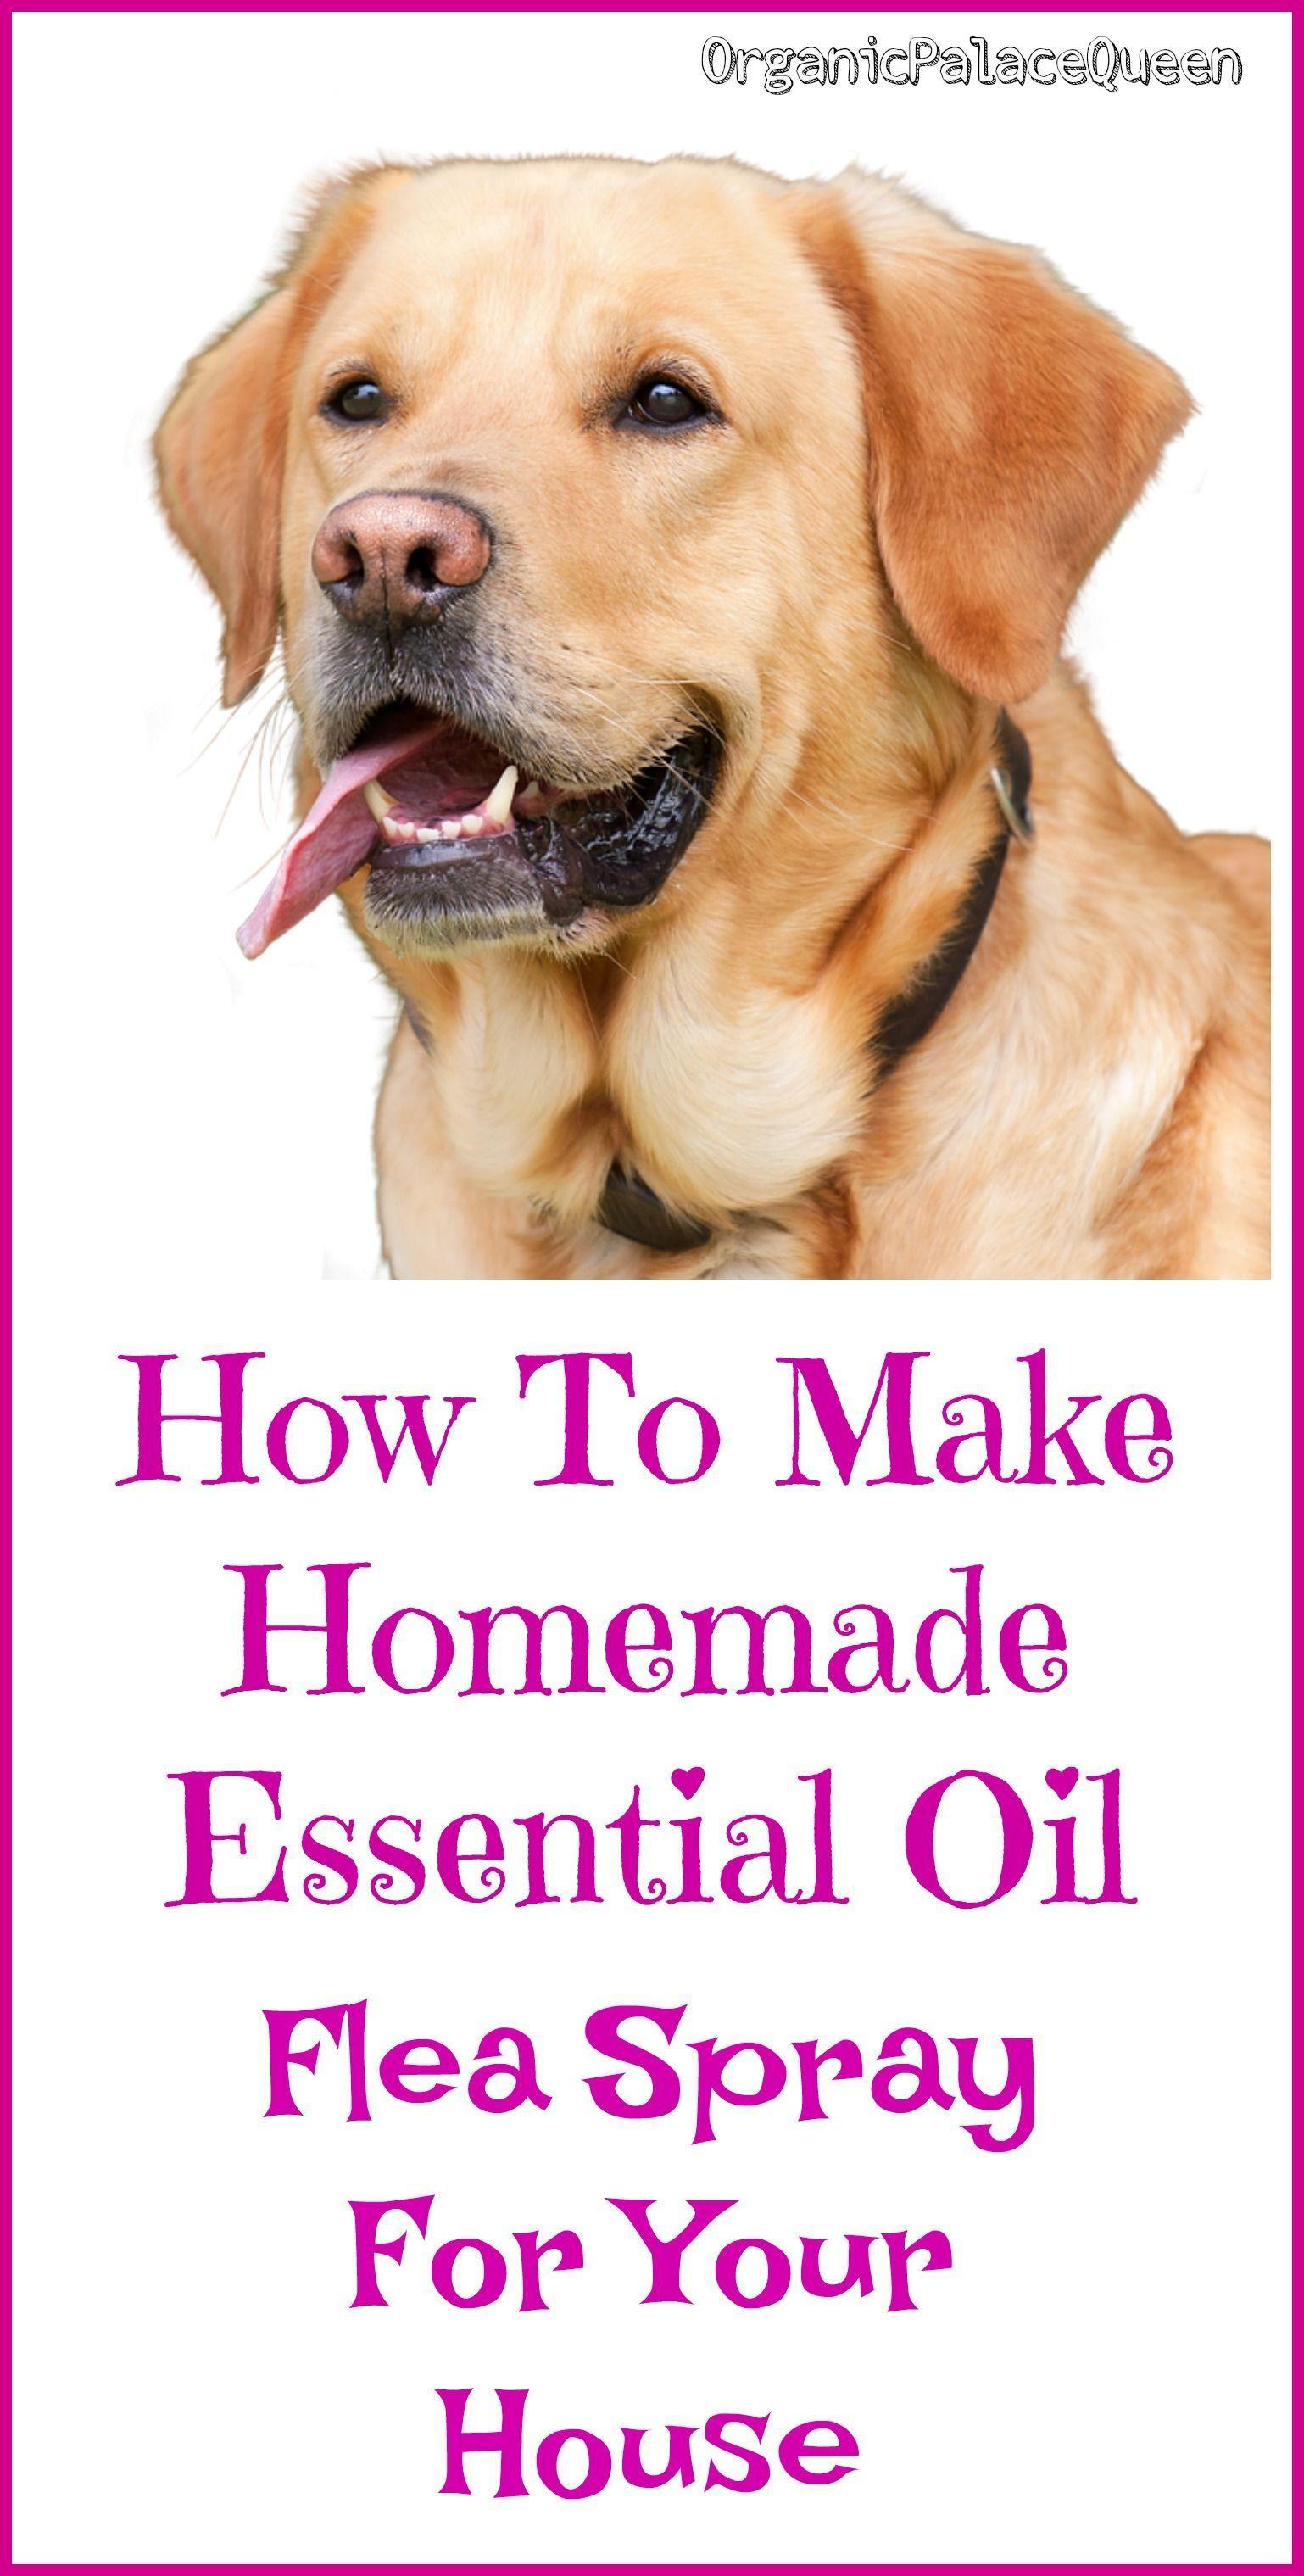 Homemade flea spray for house with essential oils flea